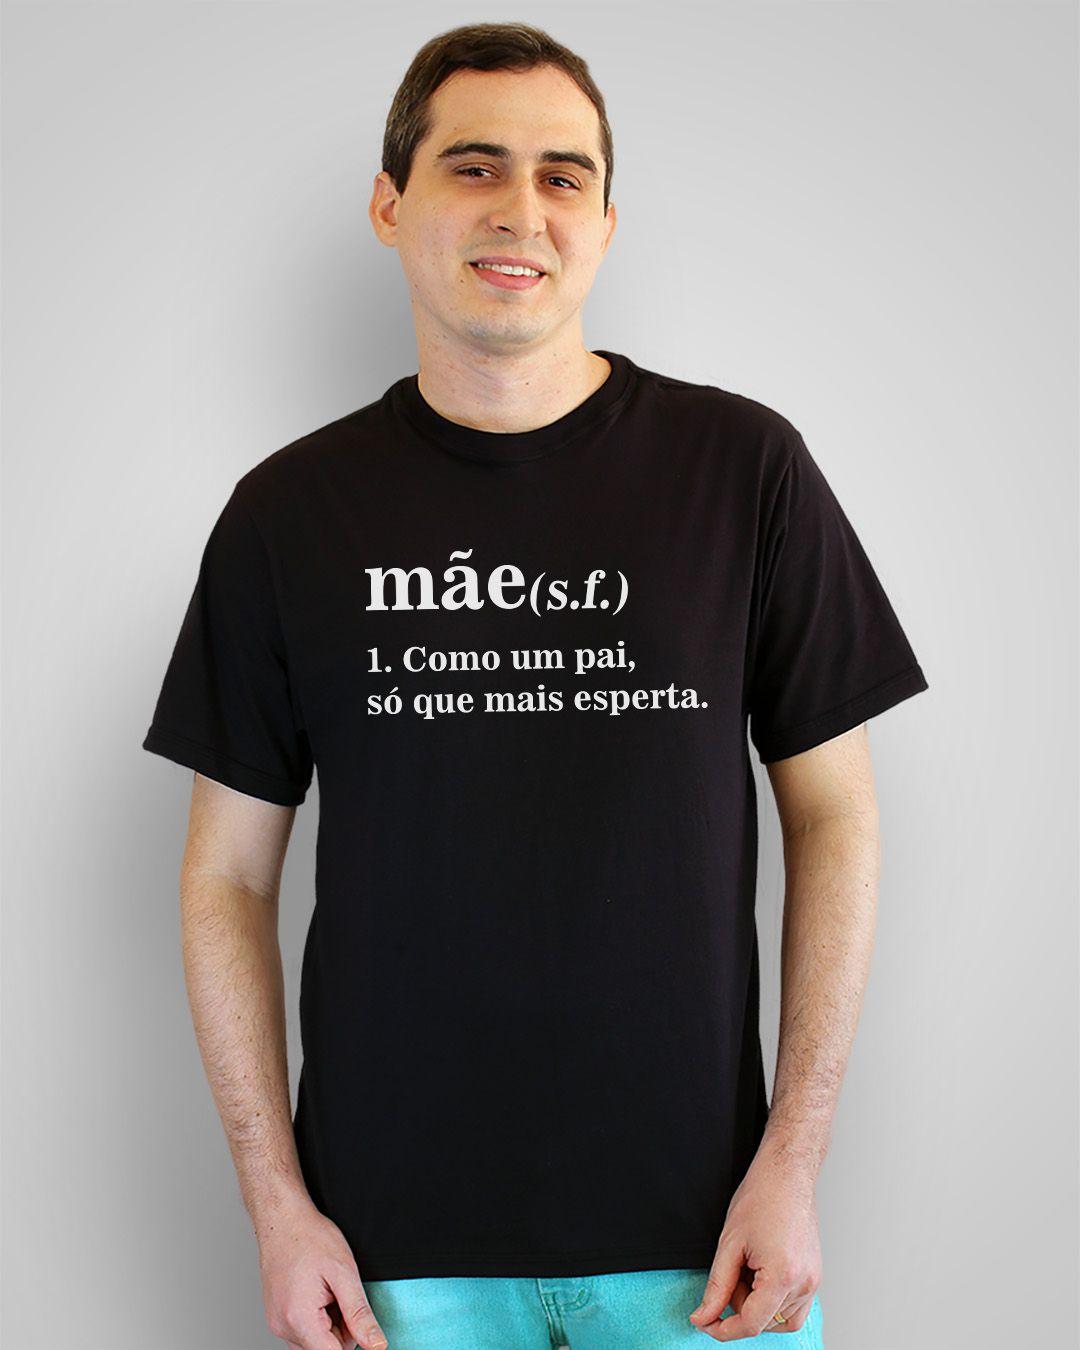 Camiseta Mãe (s.f.) 1. Como um pai, só que mais esperta.